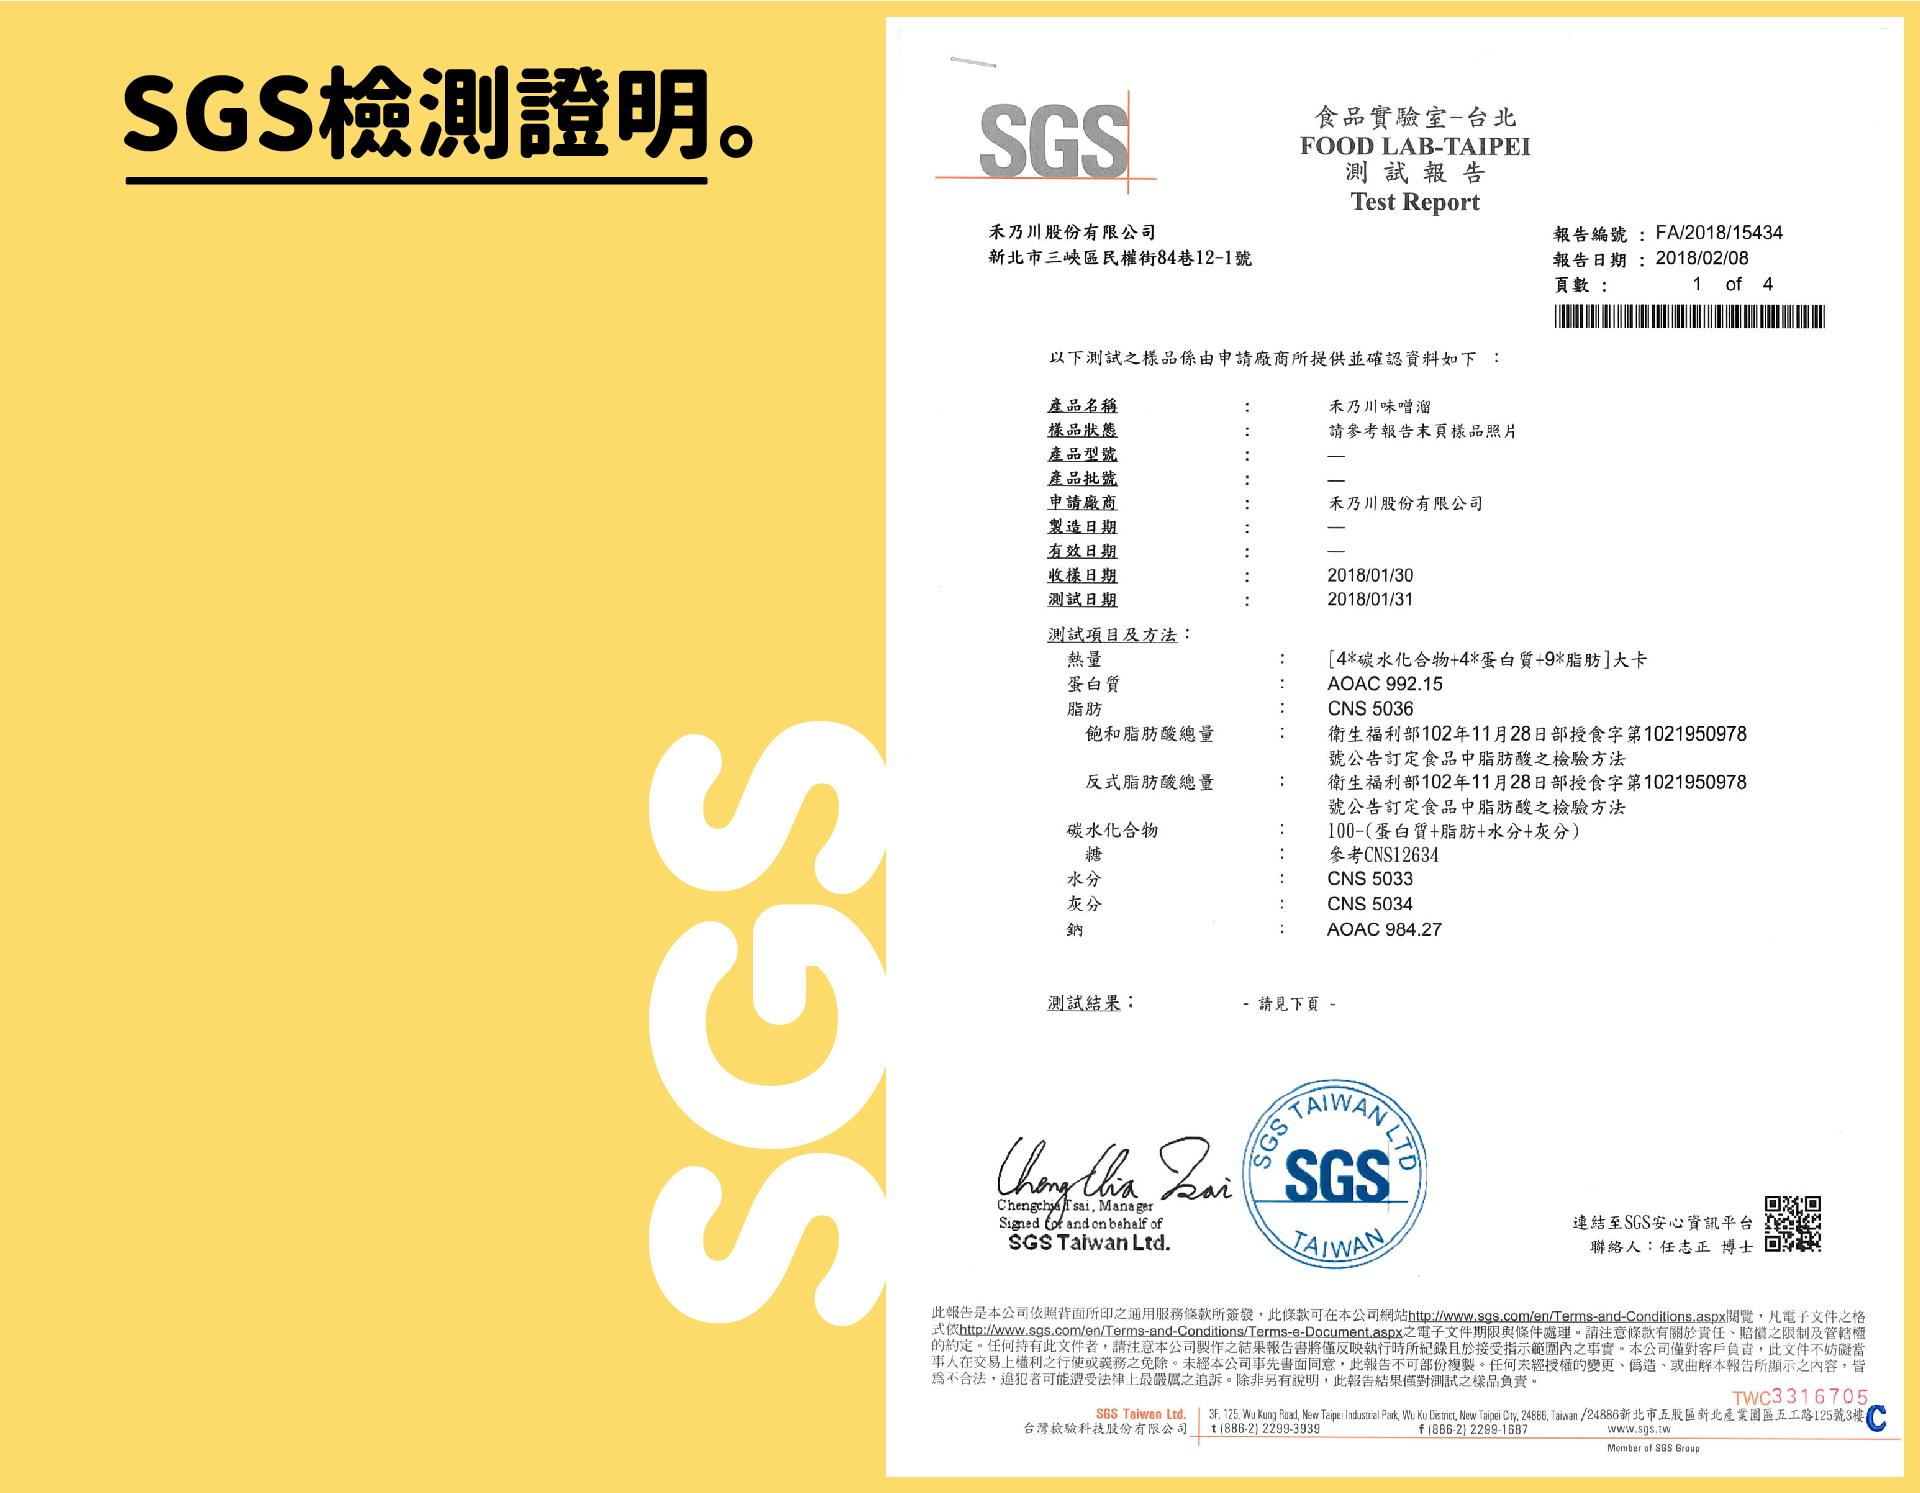 禾乃川SGS檢驗證明 - 禾乃川味噌溜 - 自然醞釀渾厚香醇